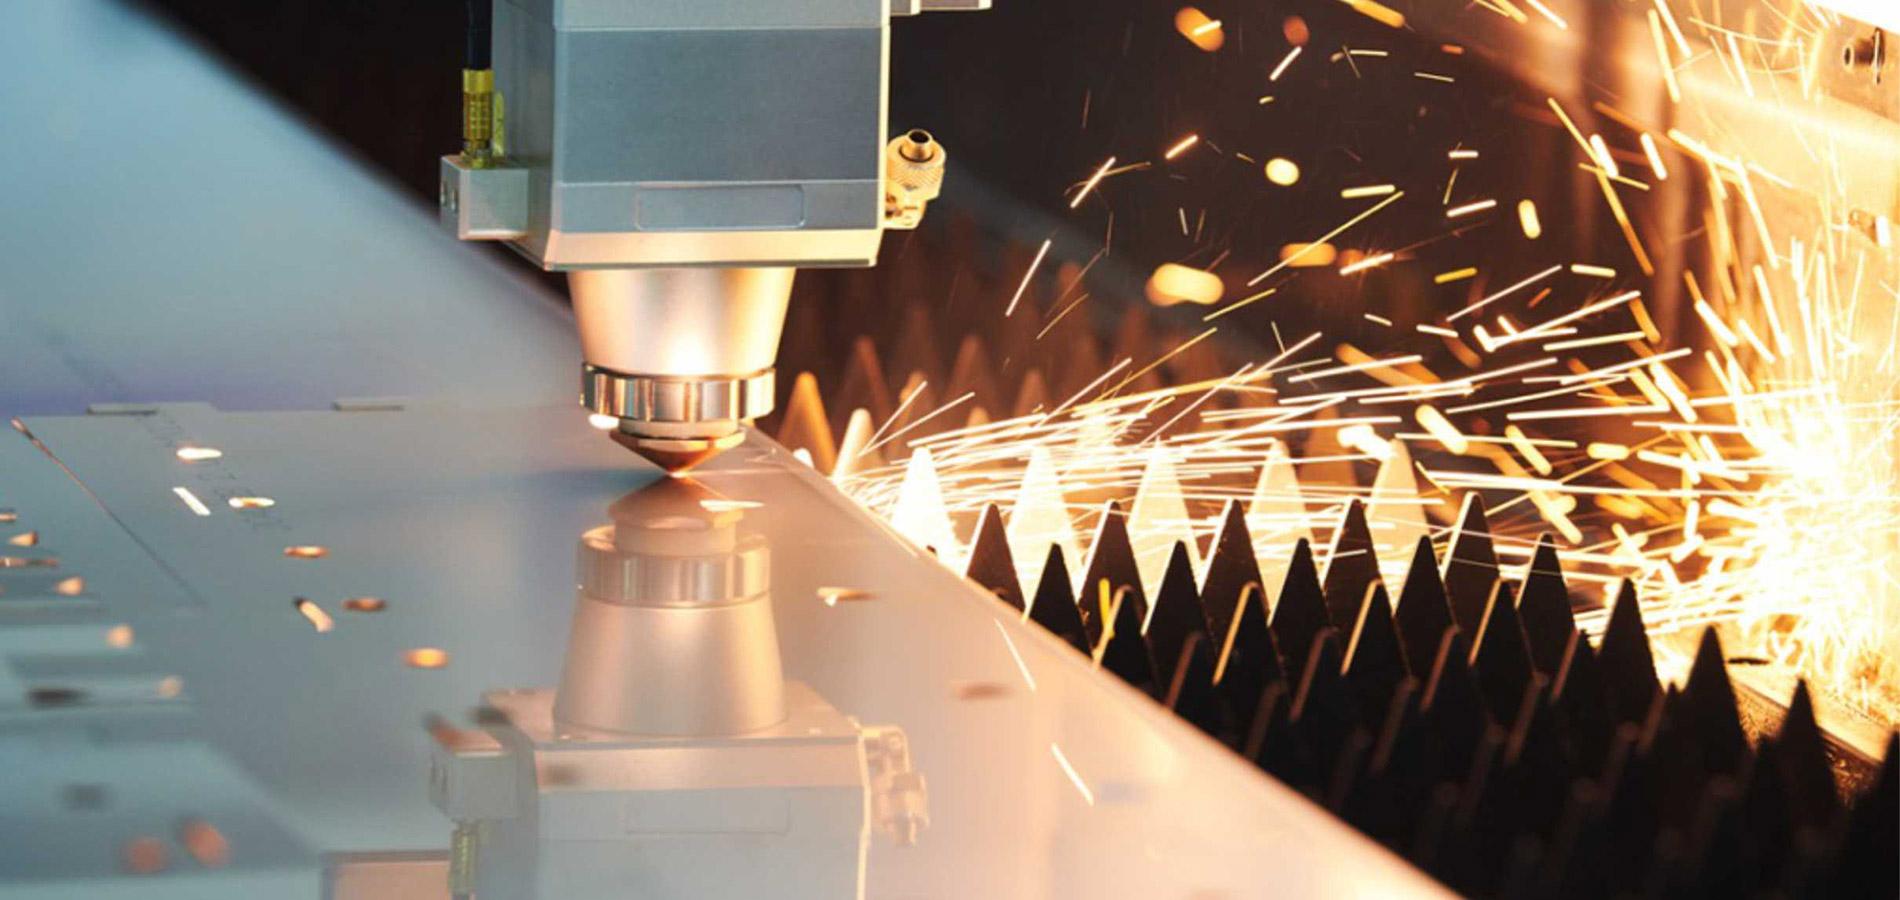 لیزر پاسارگاد مرکز مجهز برش لیزر آهن و استیل و برش لوله و پروفیل